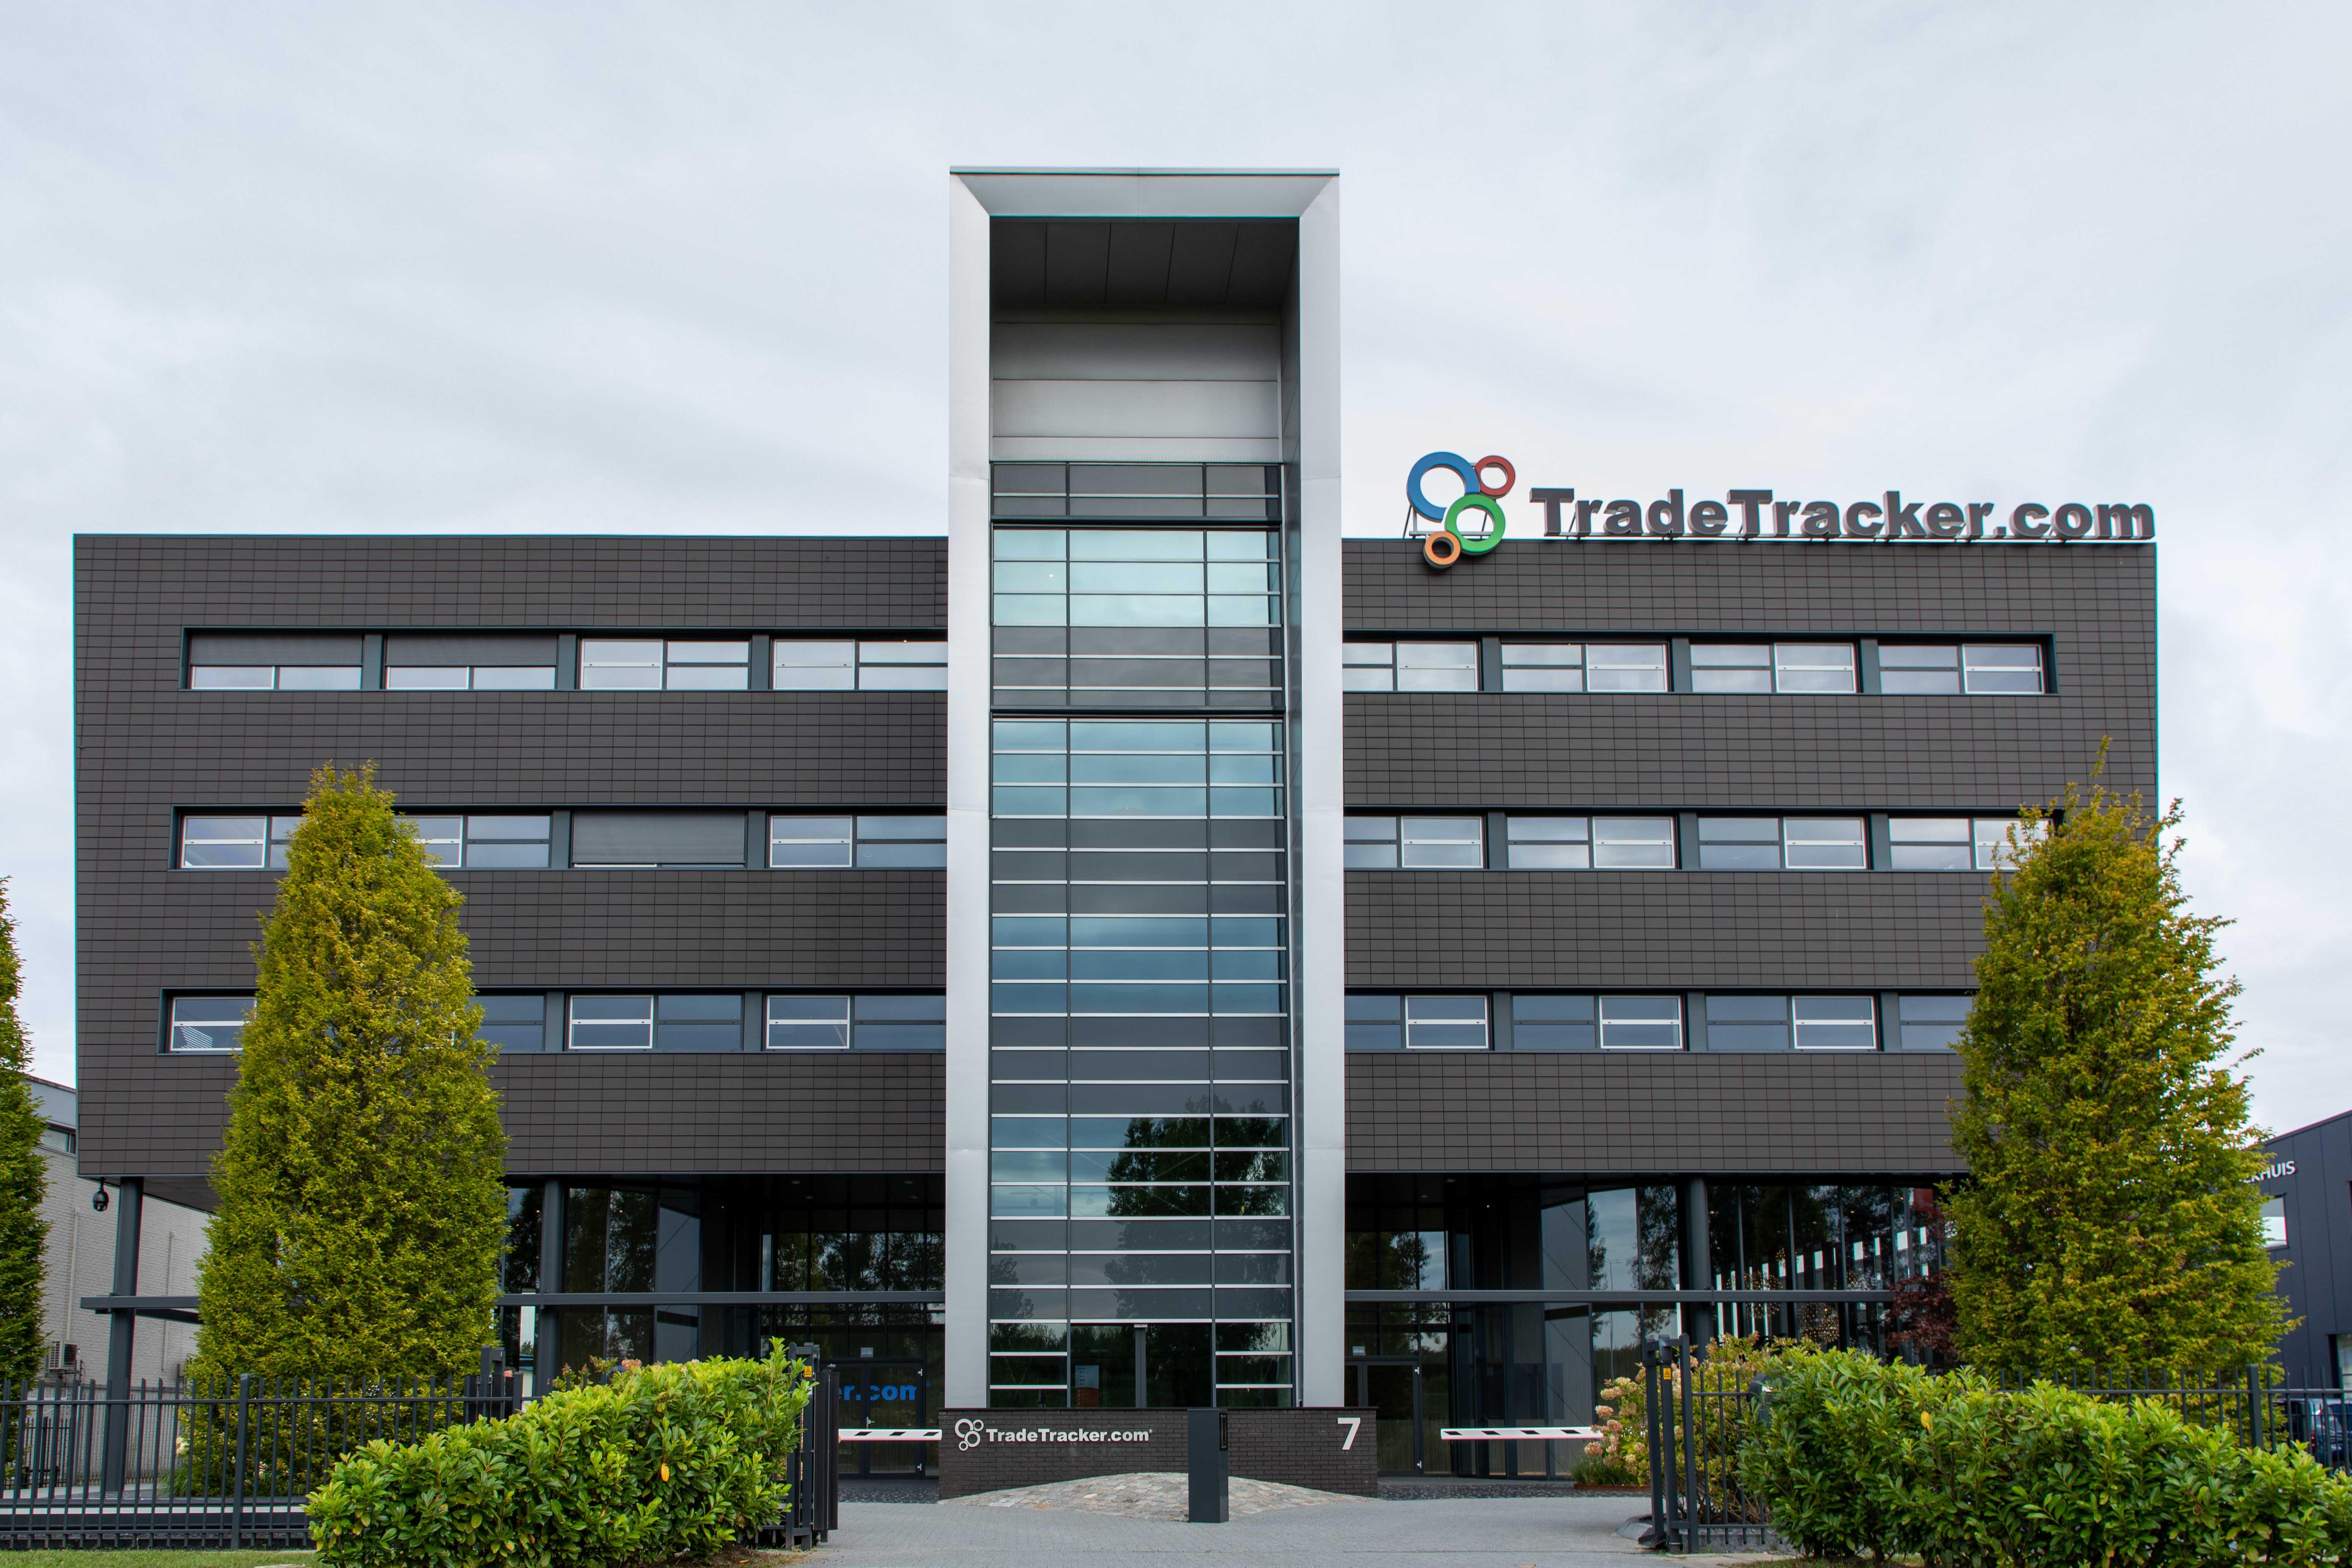 Tradetracker.com – Almere